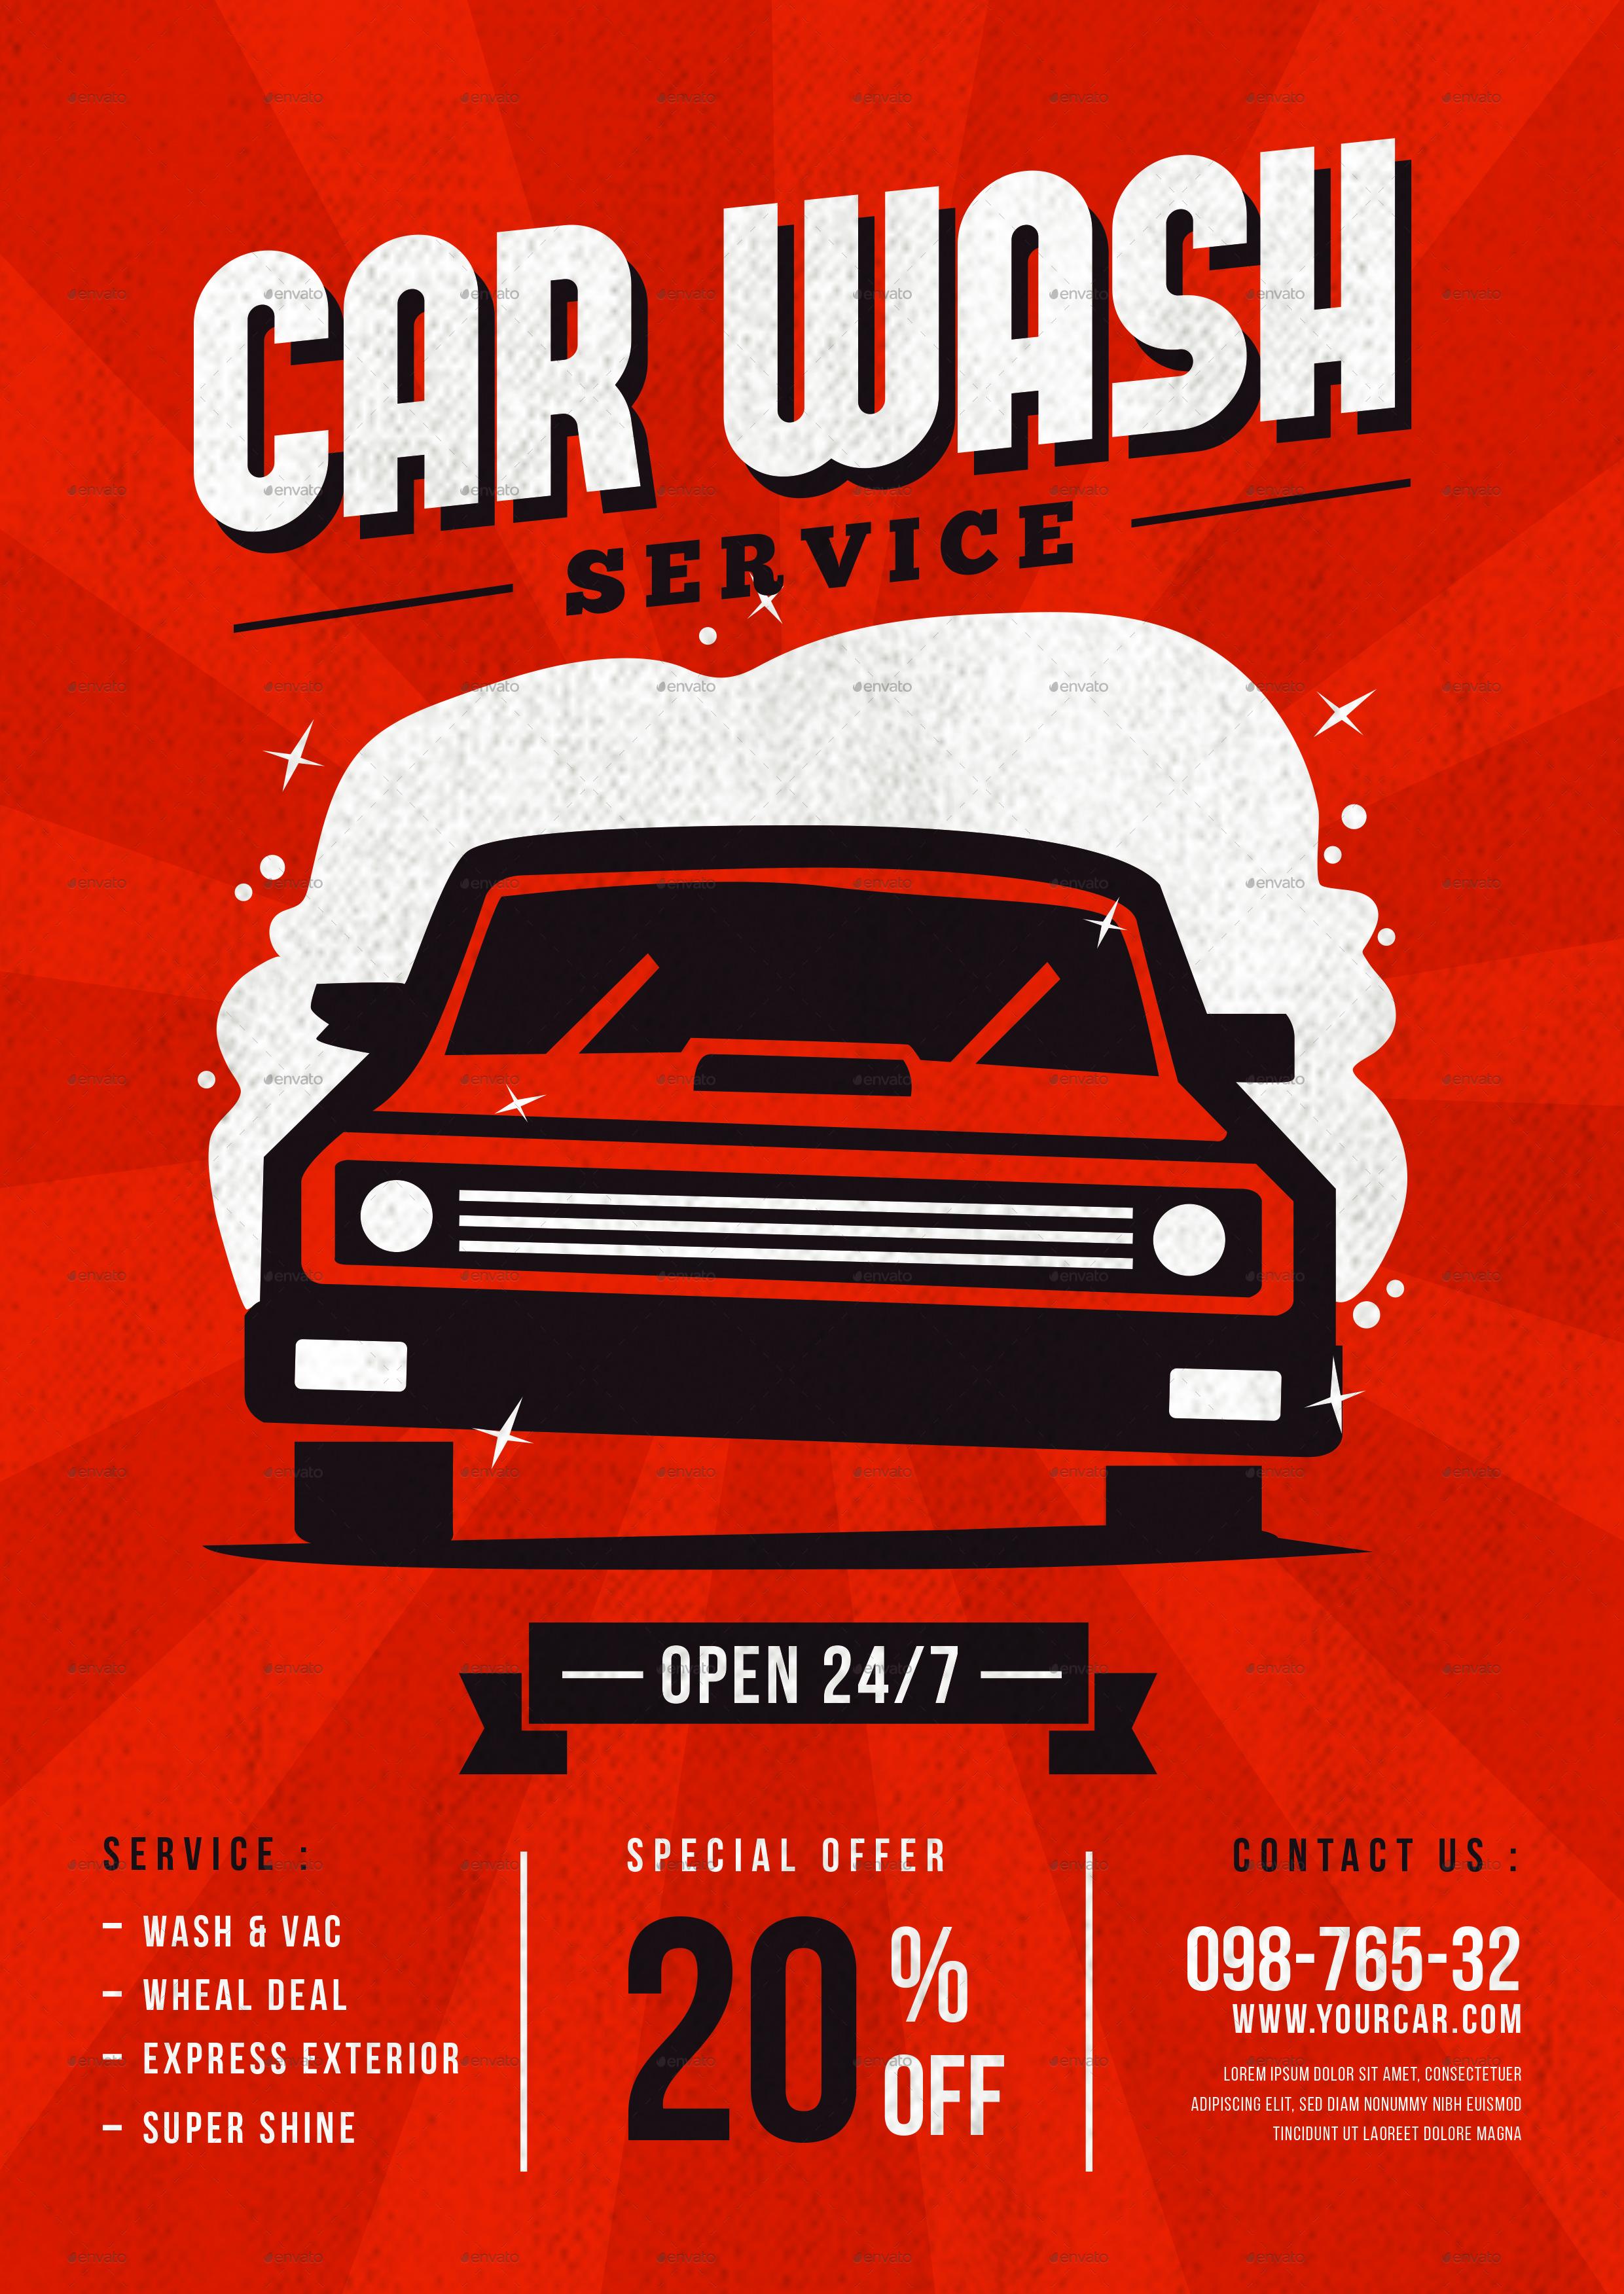 Car Wash Service Flyer by tokosatsu   GraphicRiver